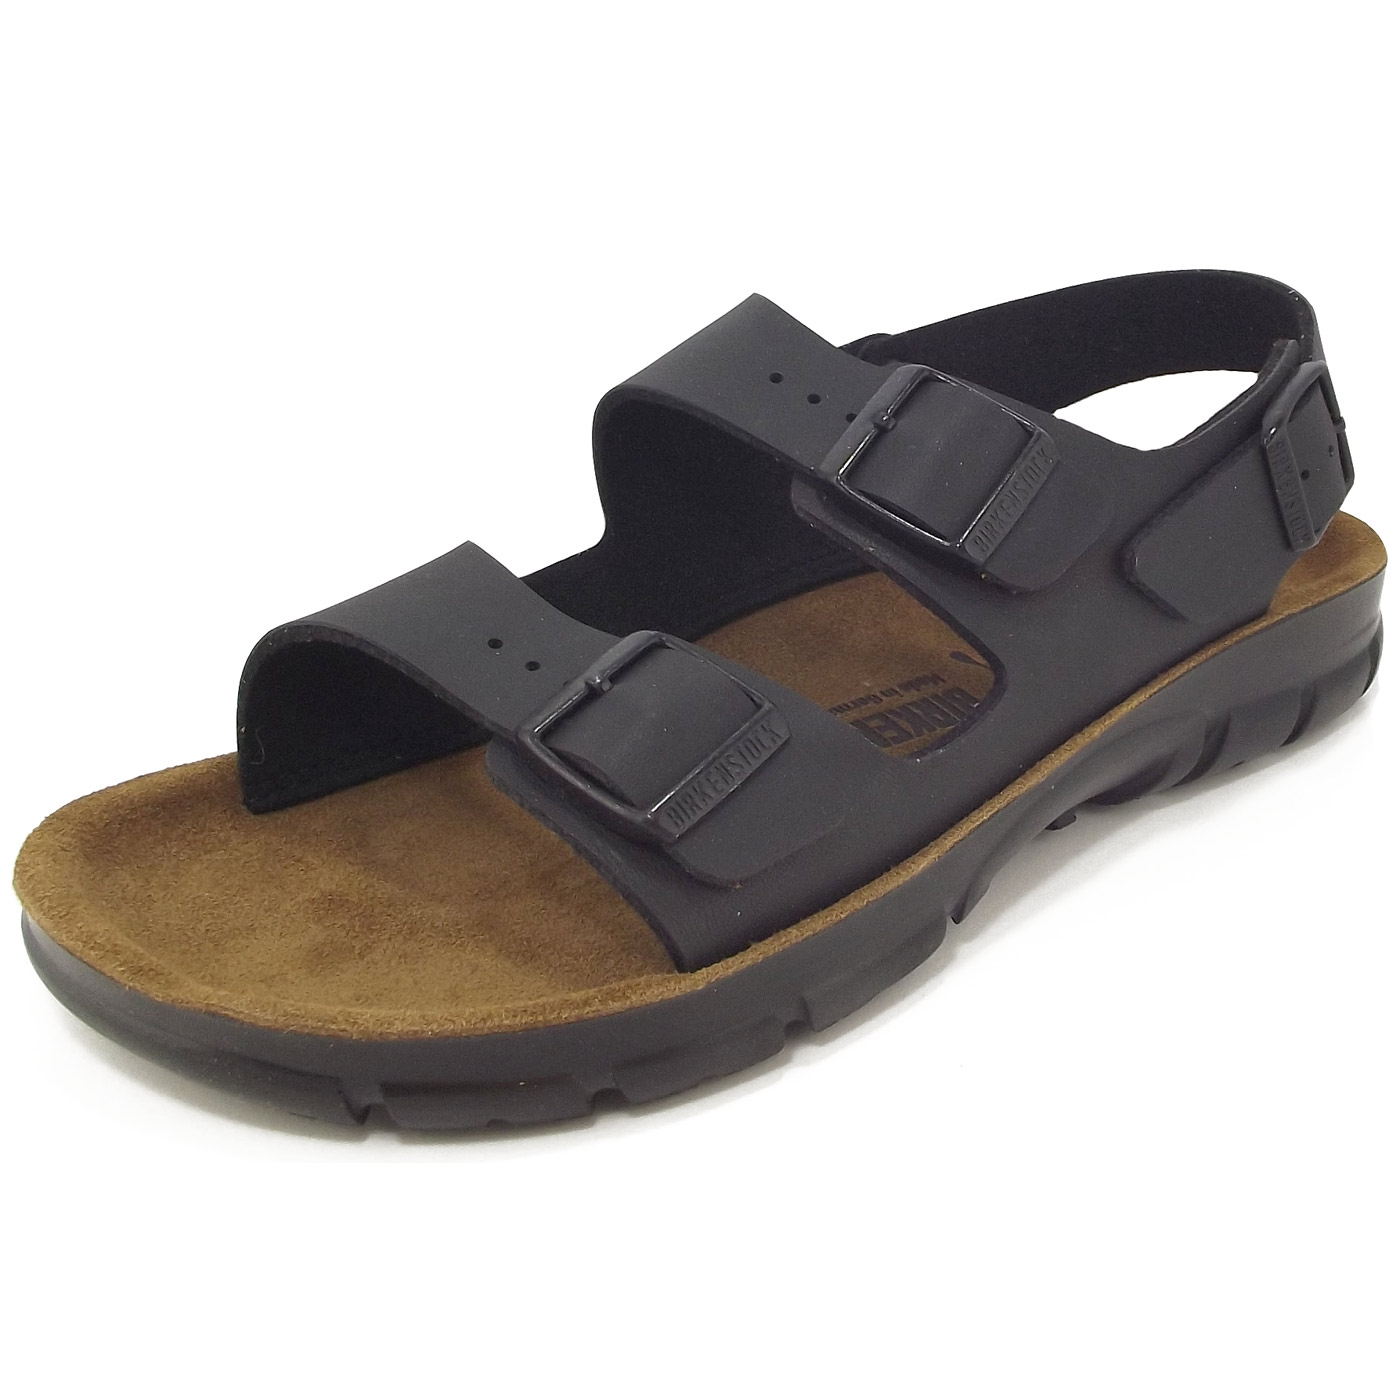 55aa46168c741 Birkenstock Kano black - Shoes   Accessories